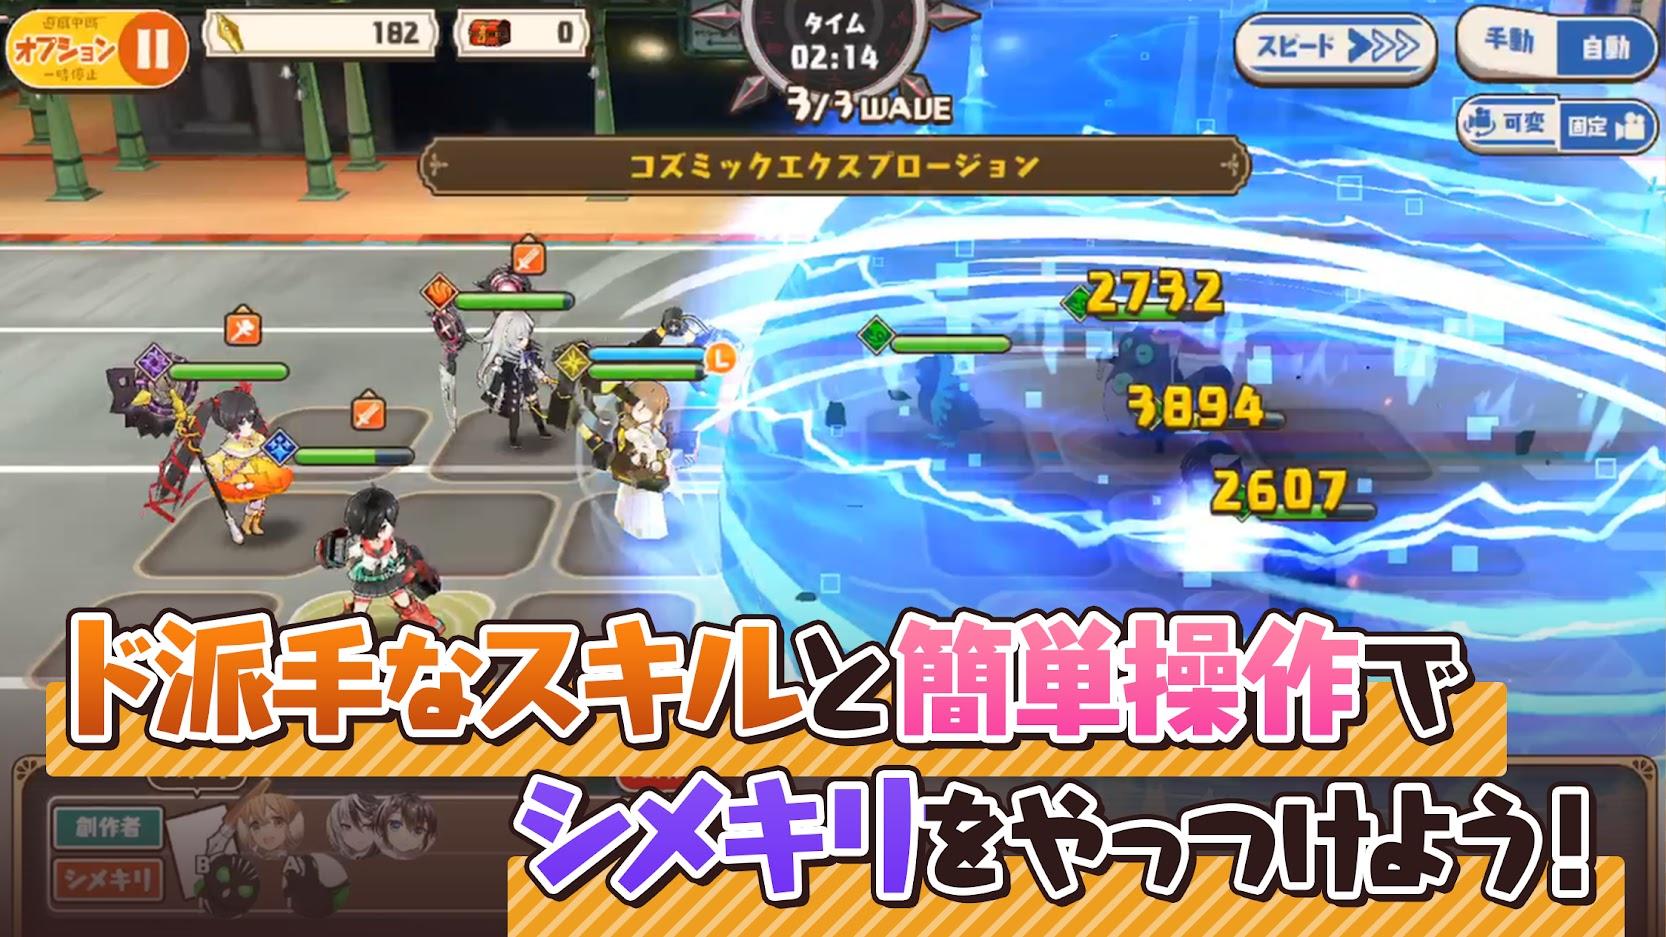 Eshigami no Kizuna 742020 3